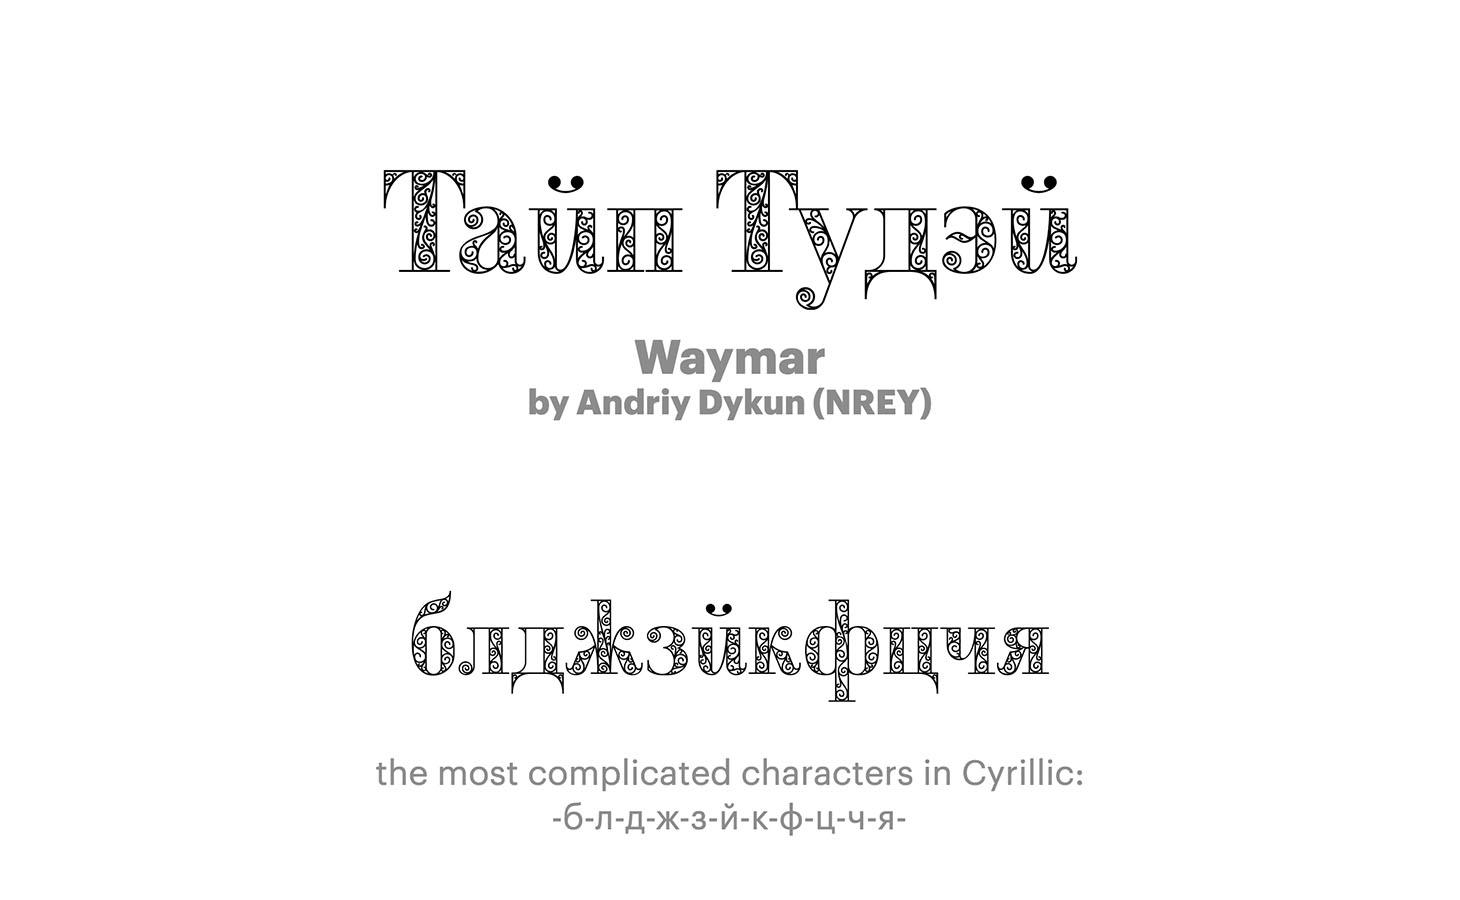 Waymar